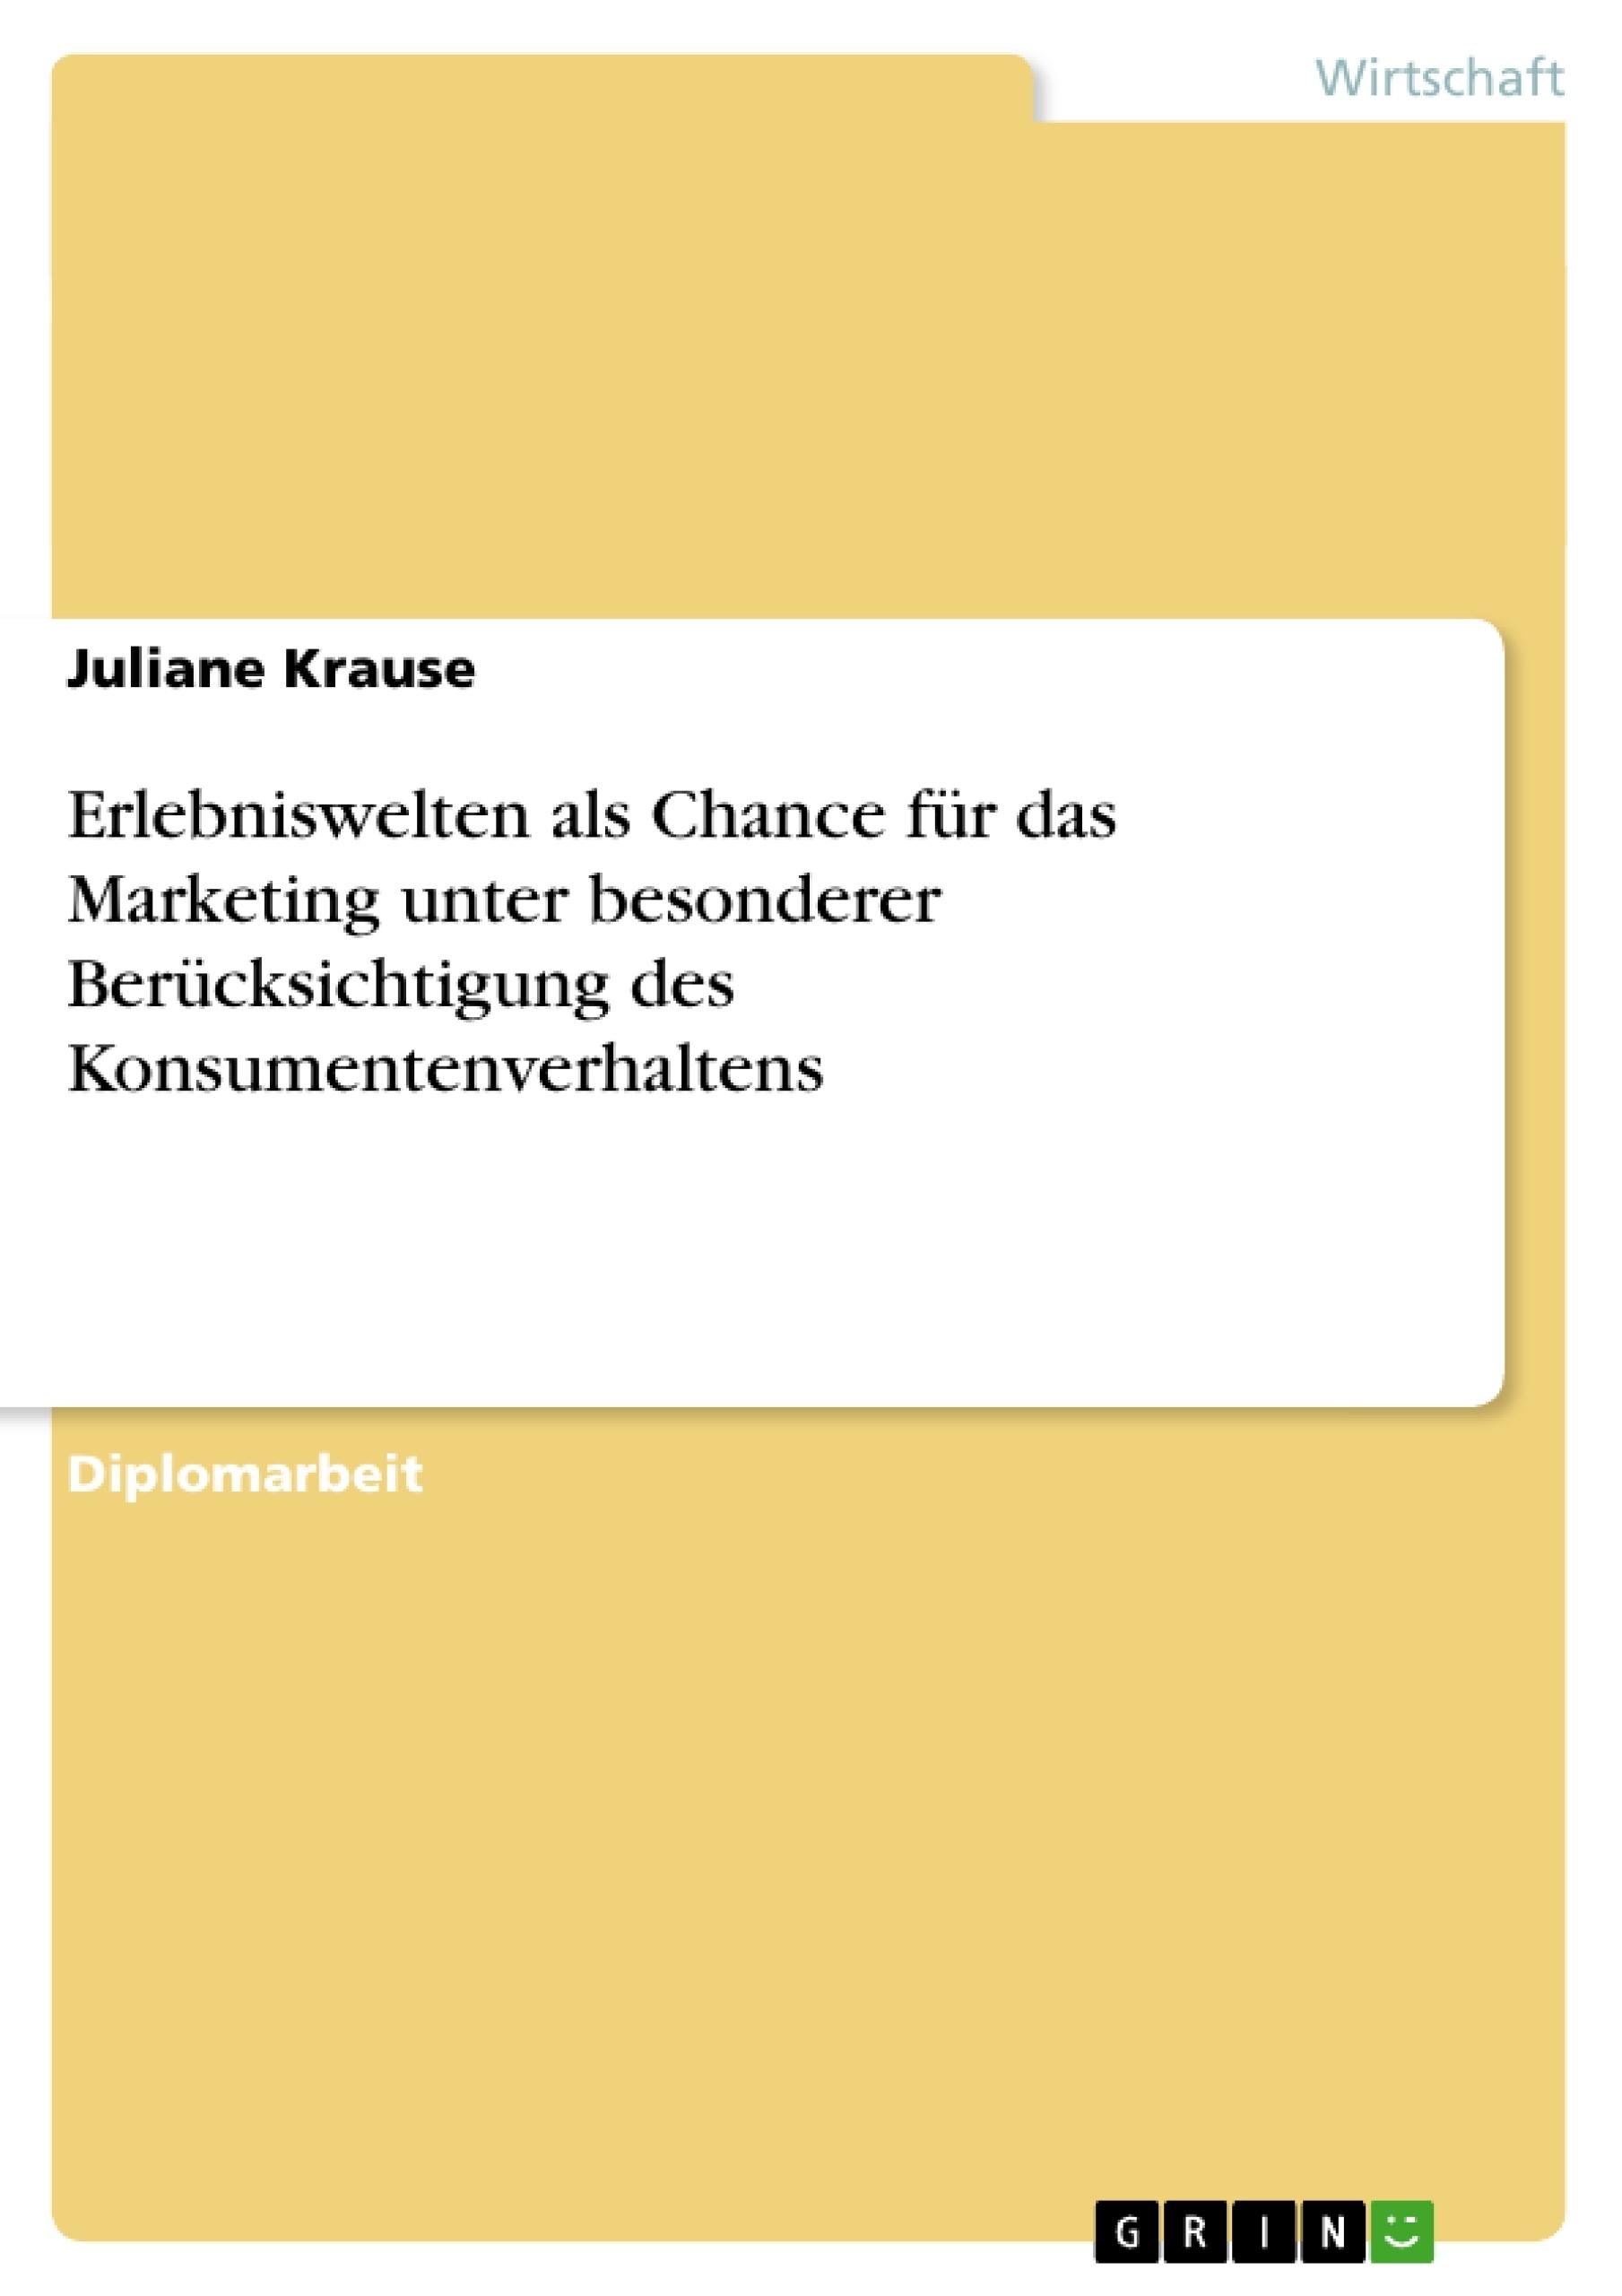 Titel: Erlebniswelten als Chance für das Marketing unter besonderer Berücksichtigung des Konsumentenverhaltens